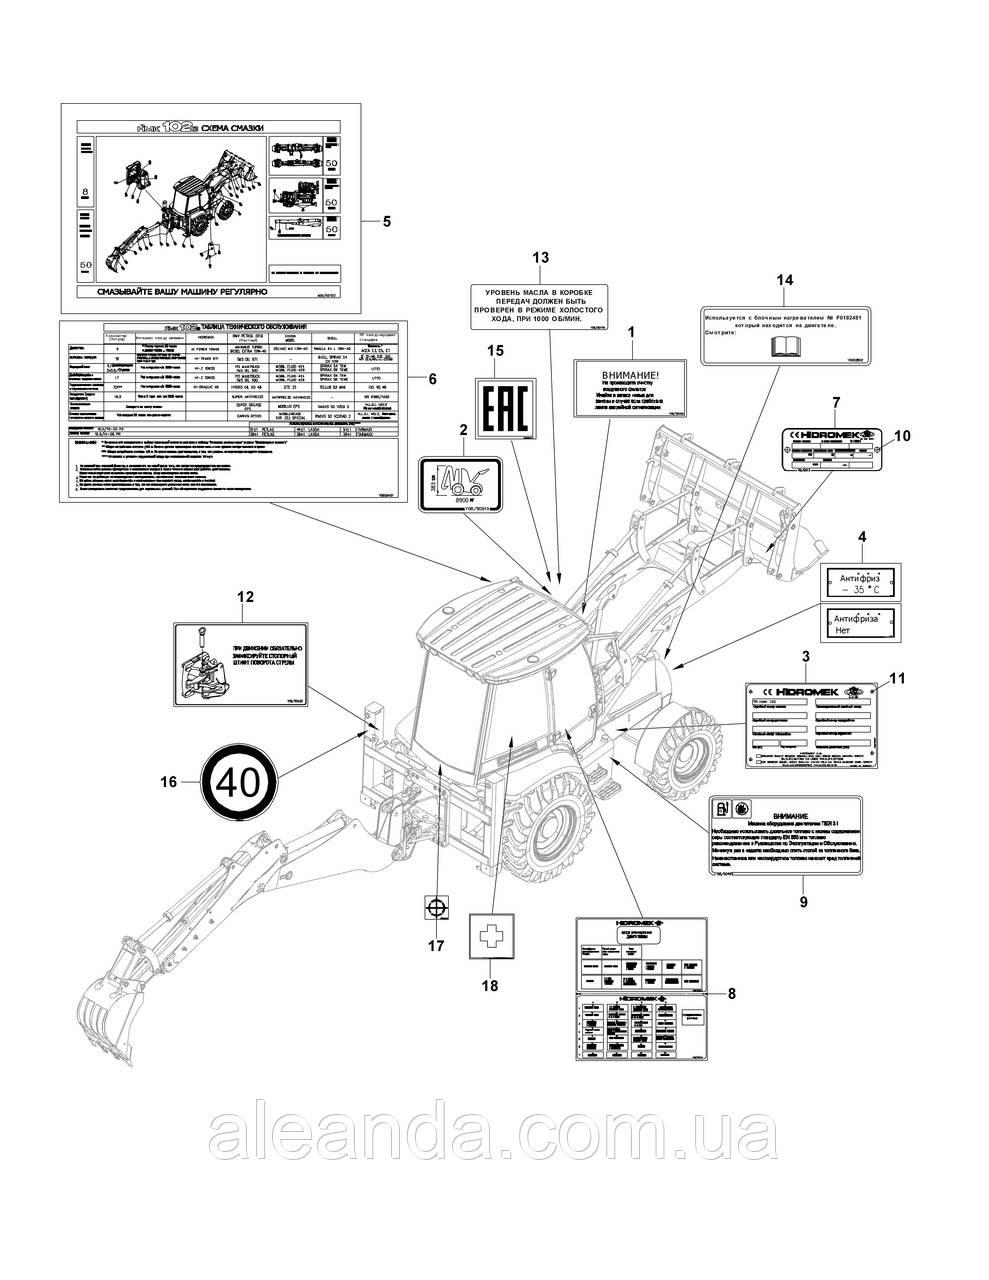 S0642902 підшипник роликовий частин головної передачі Hidomek